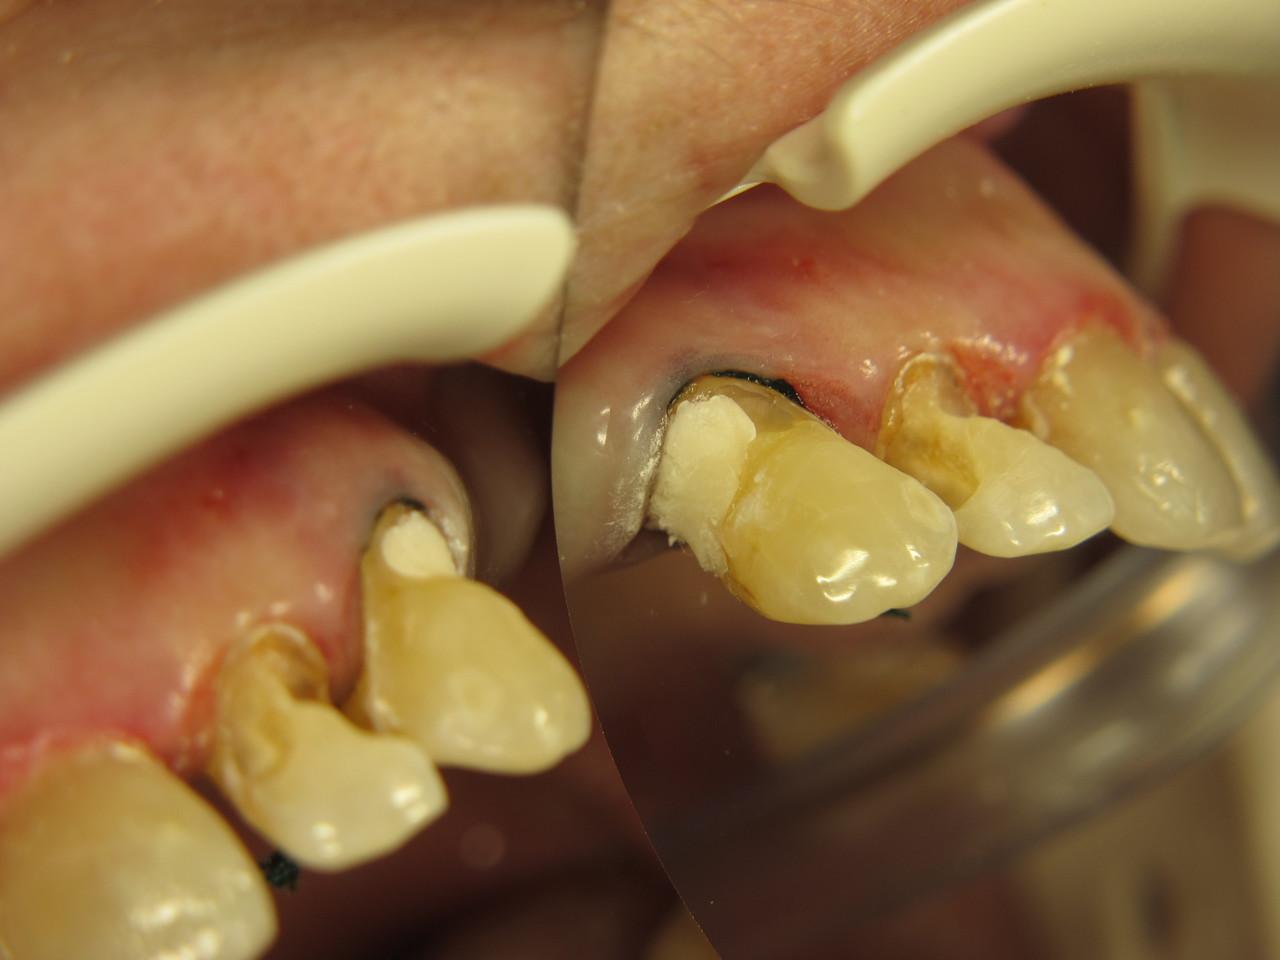 Рис. 3. Зуб 2.3: внесен стеклоиономерный цемент «Ионолюкс».